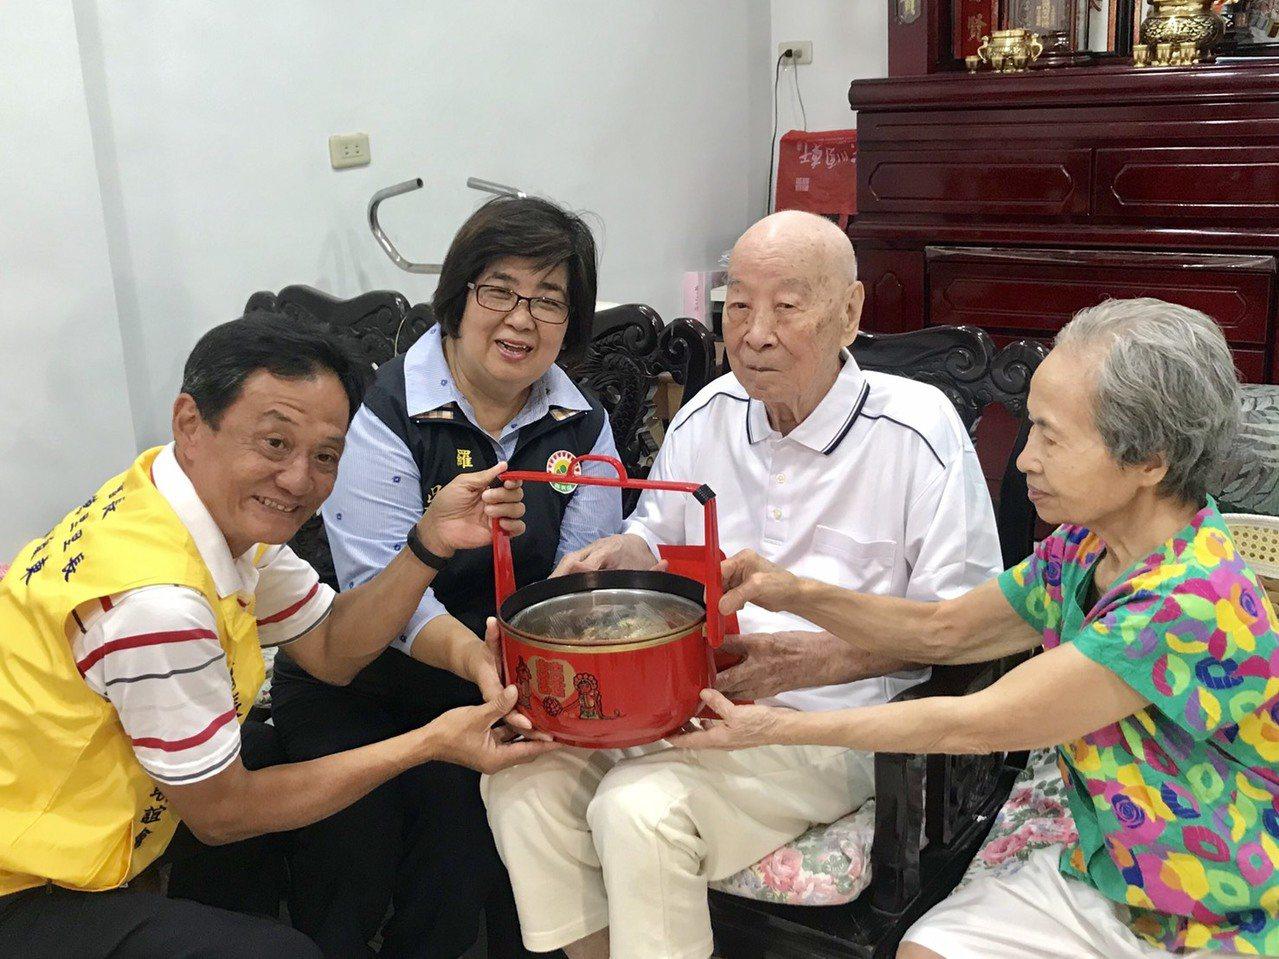 羅東鎮長吳秋齡(左2)今天親訪百歲人瑞,送禮賀節。圖/宜蘭縣羅東鎮公所提供